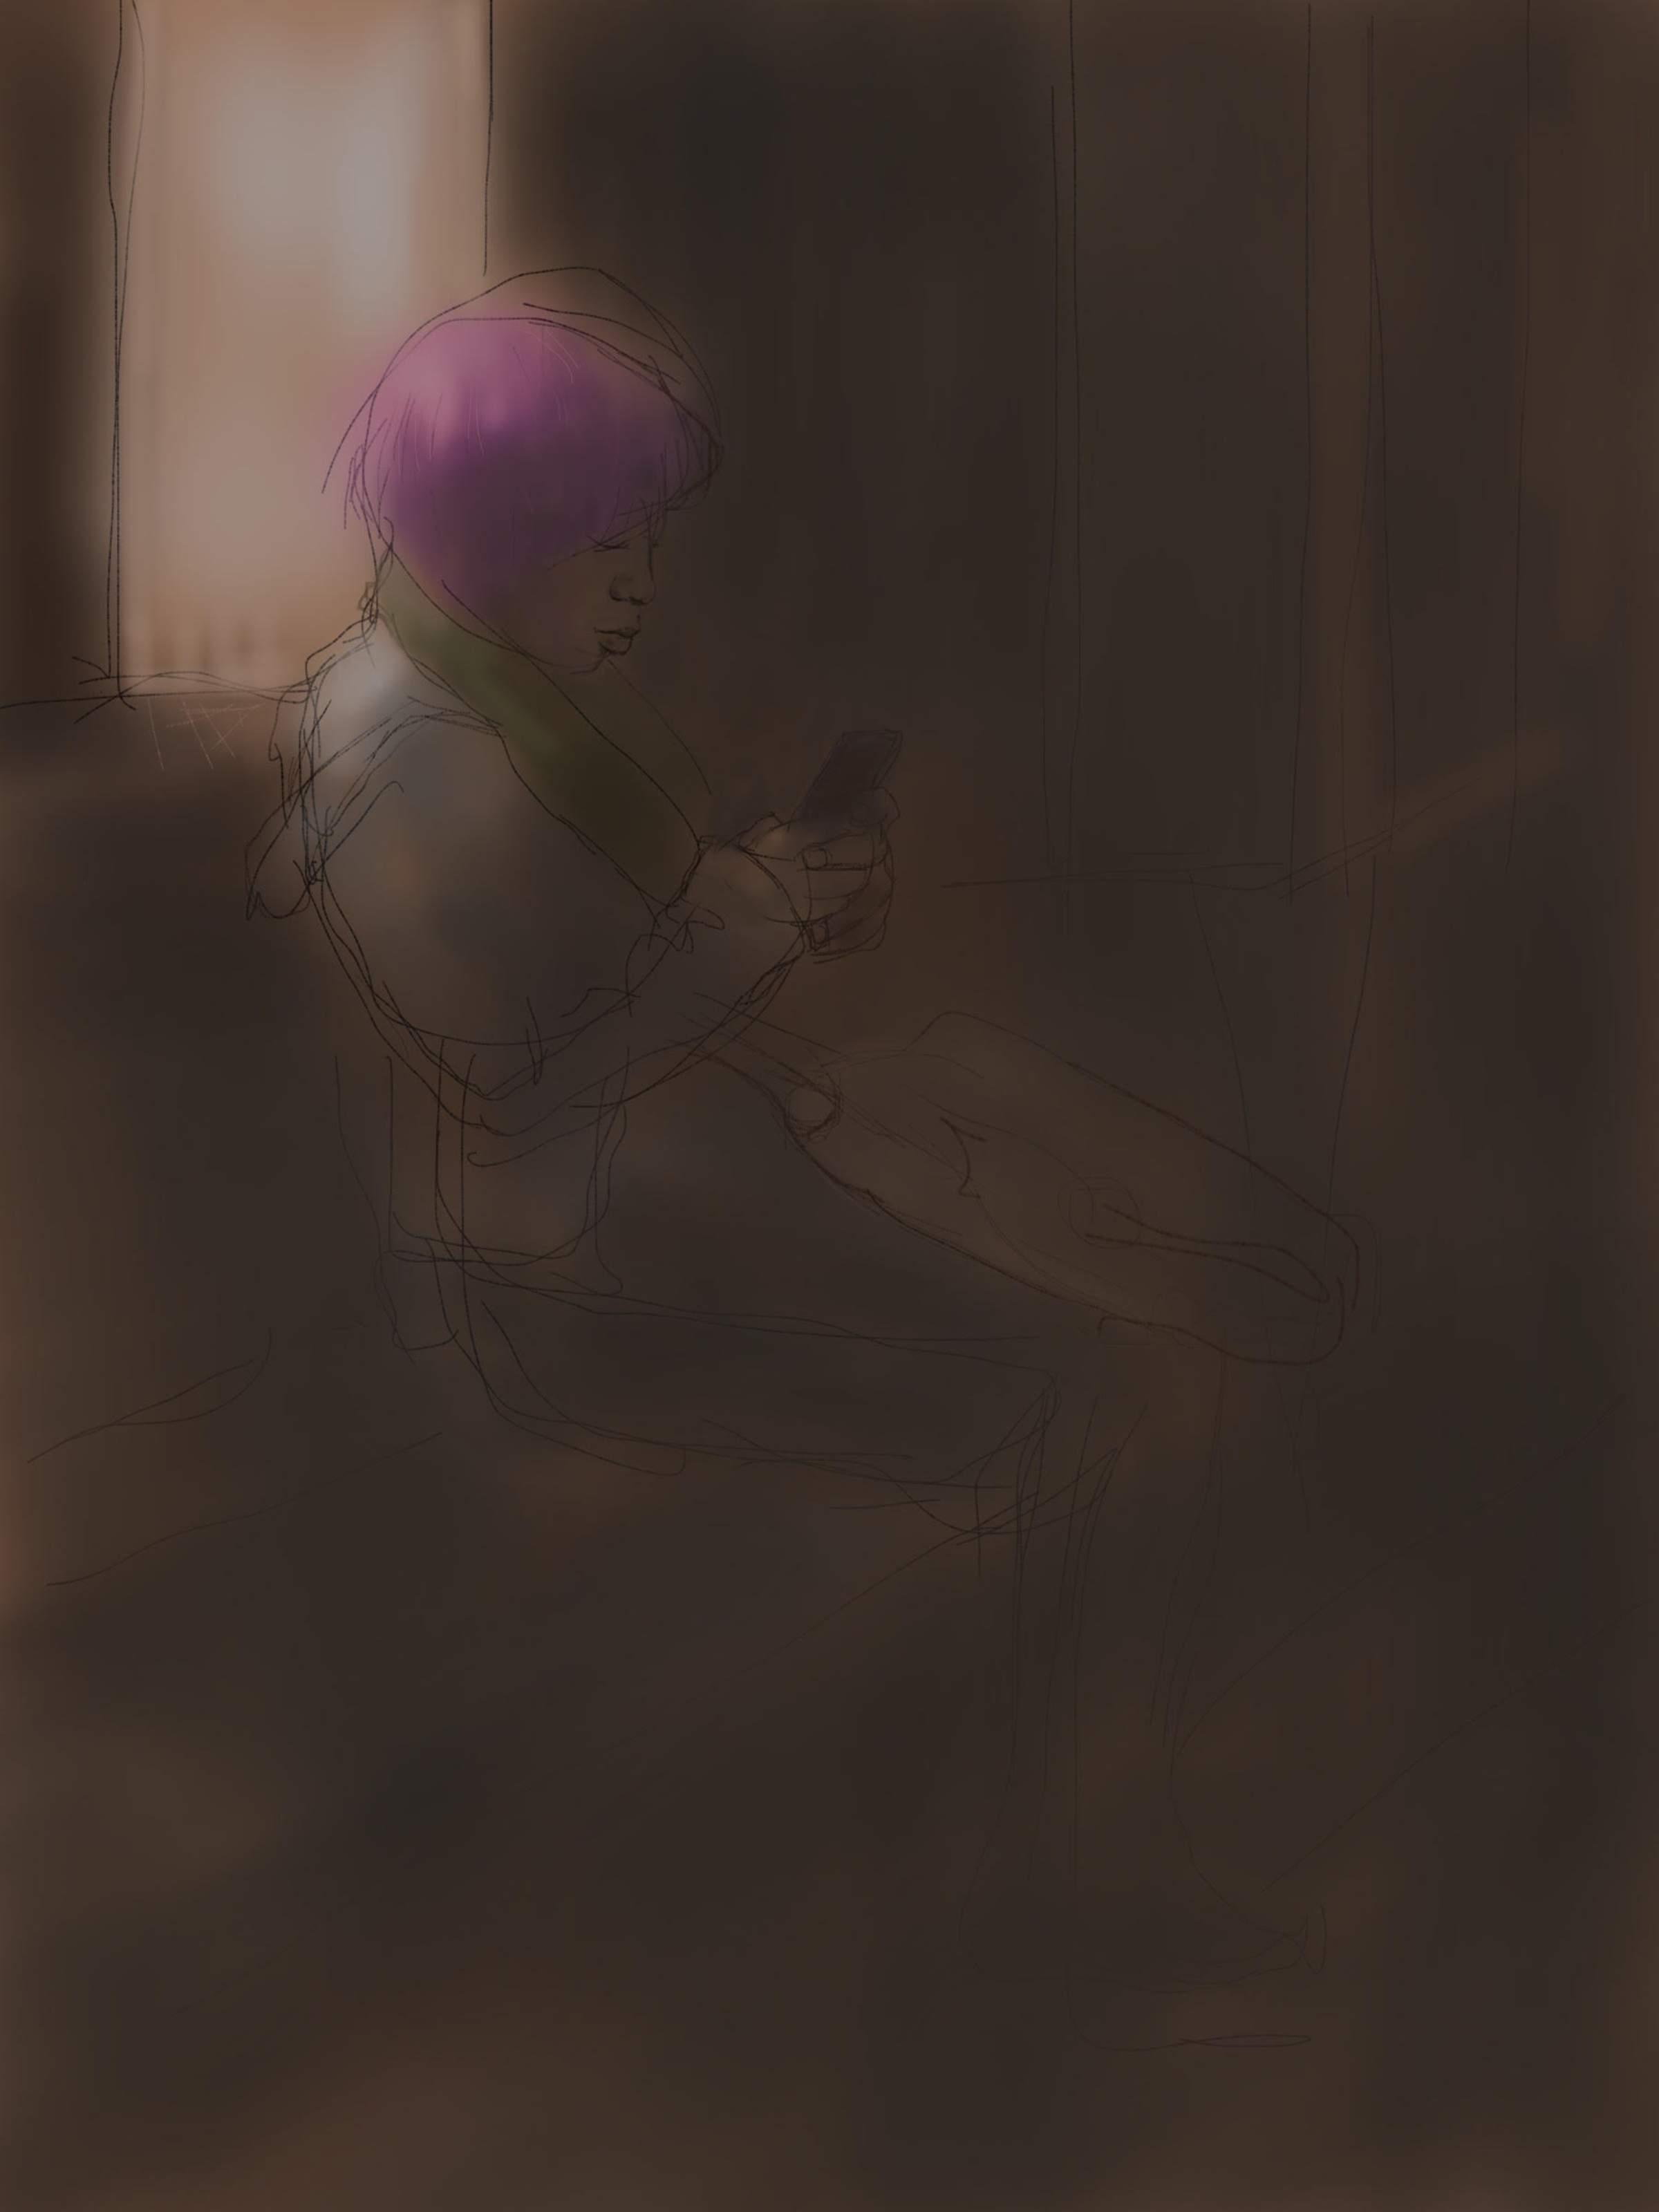 Purple hair on the 27. Procreate